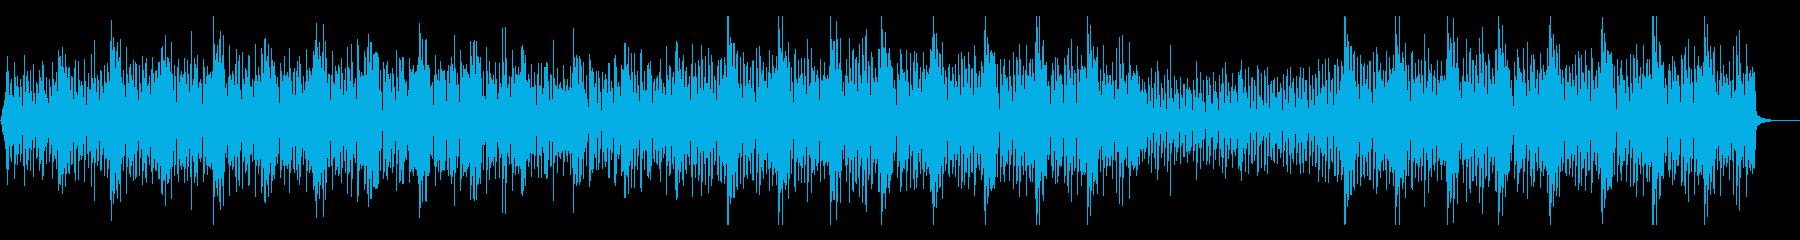 ウクレレとチェロの軽快なアンサンブルの再生済みの波形